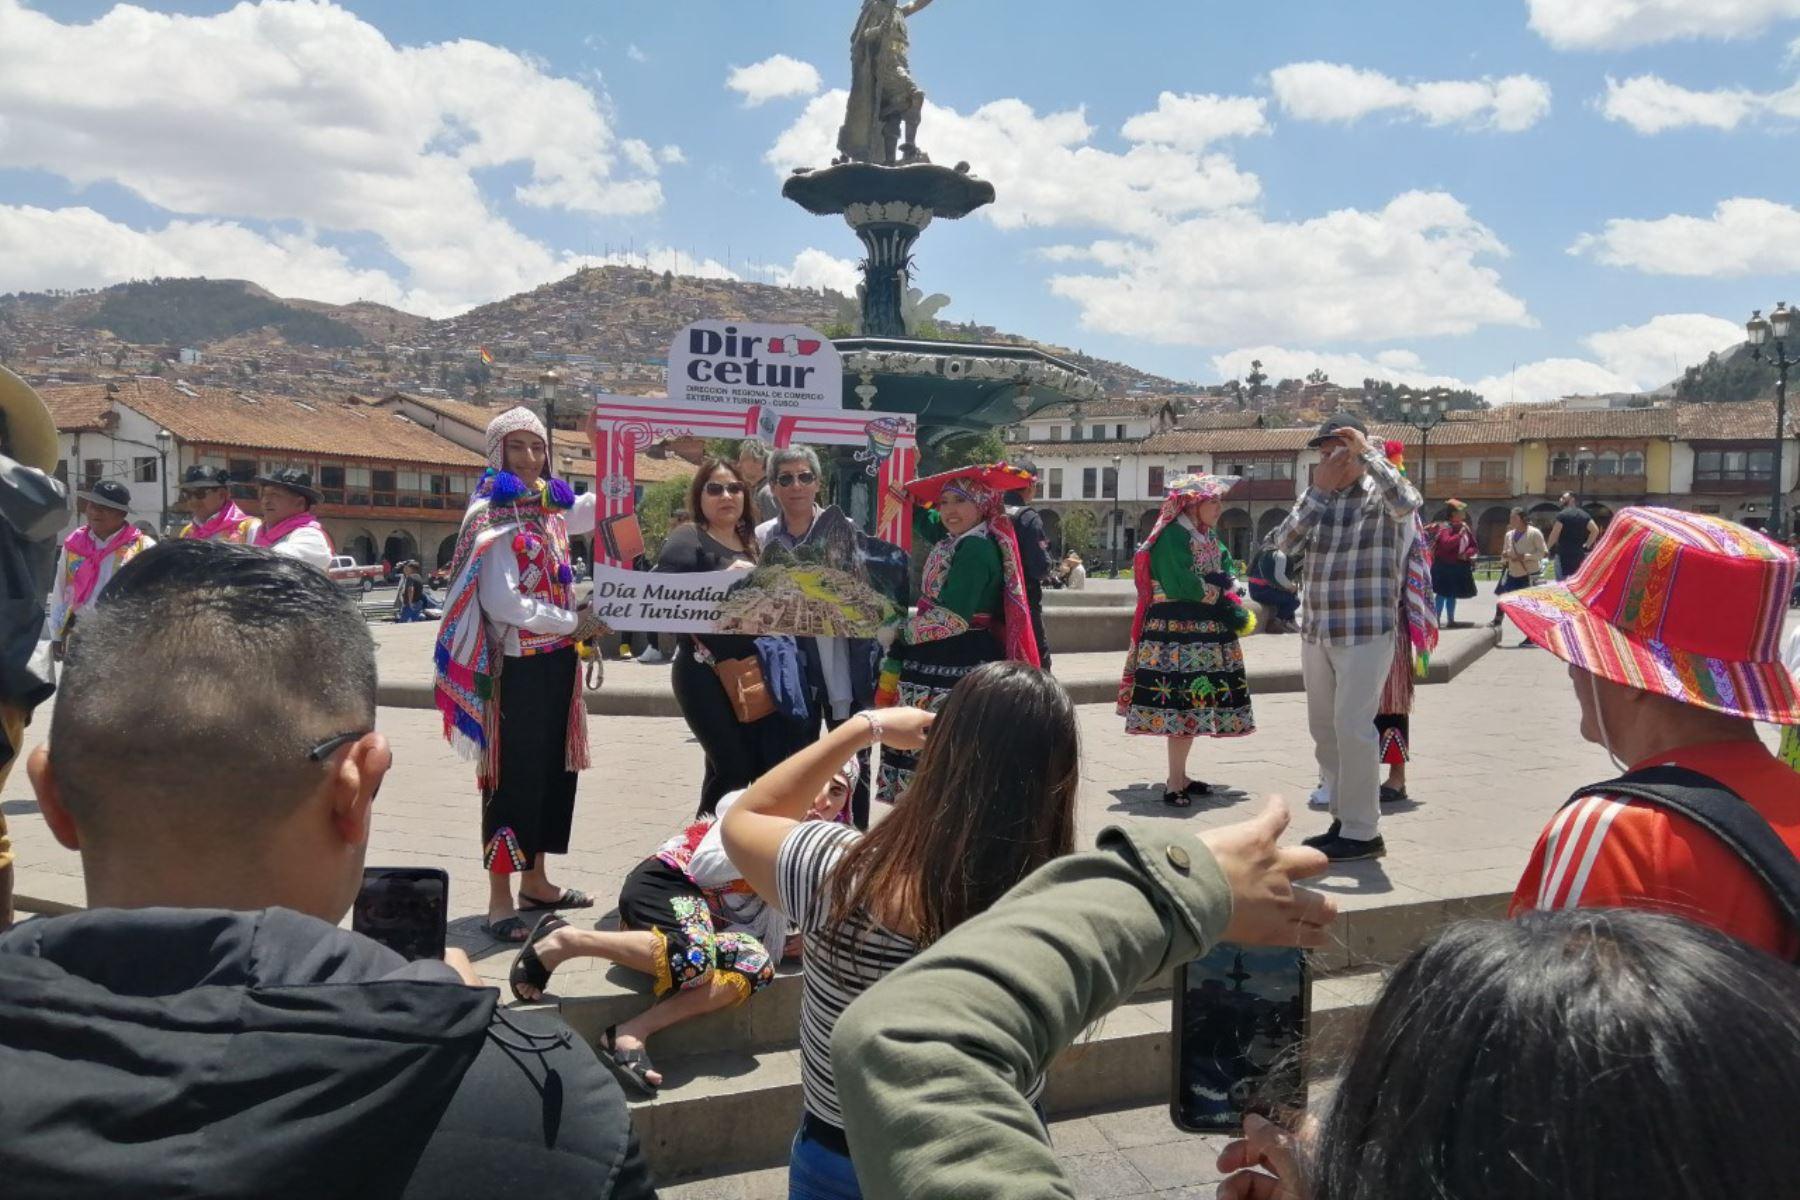 Con ritual inca, música y danzas típicas Cusco celebró el Día Mundial del Turismo